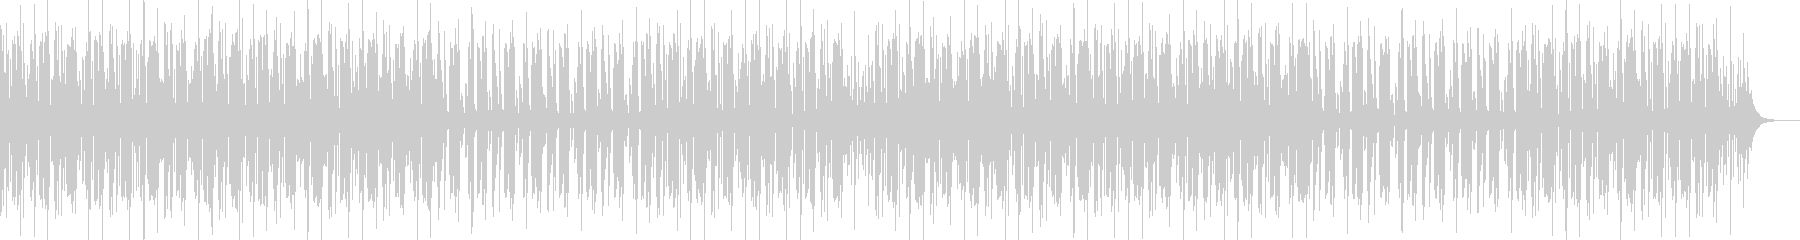 YouTube楽しいエンディングEDMの未再生の波形